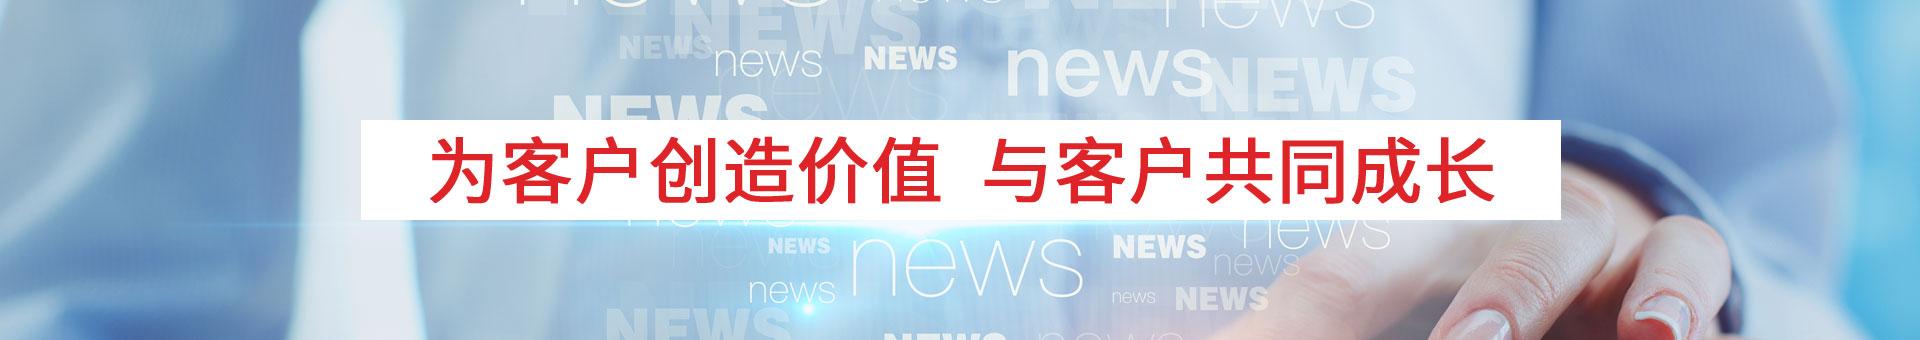 金晟千赢国际网页手机登录